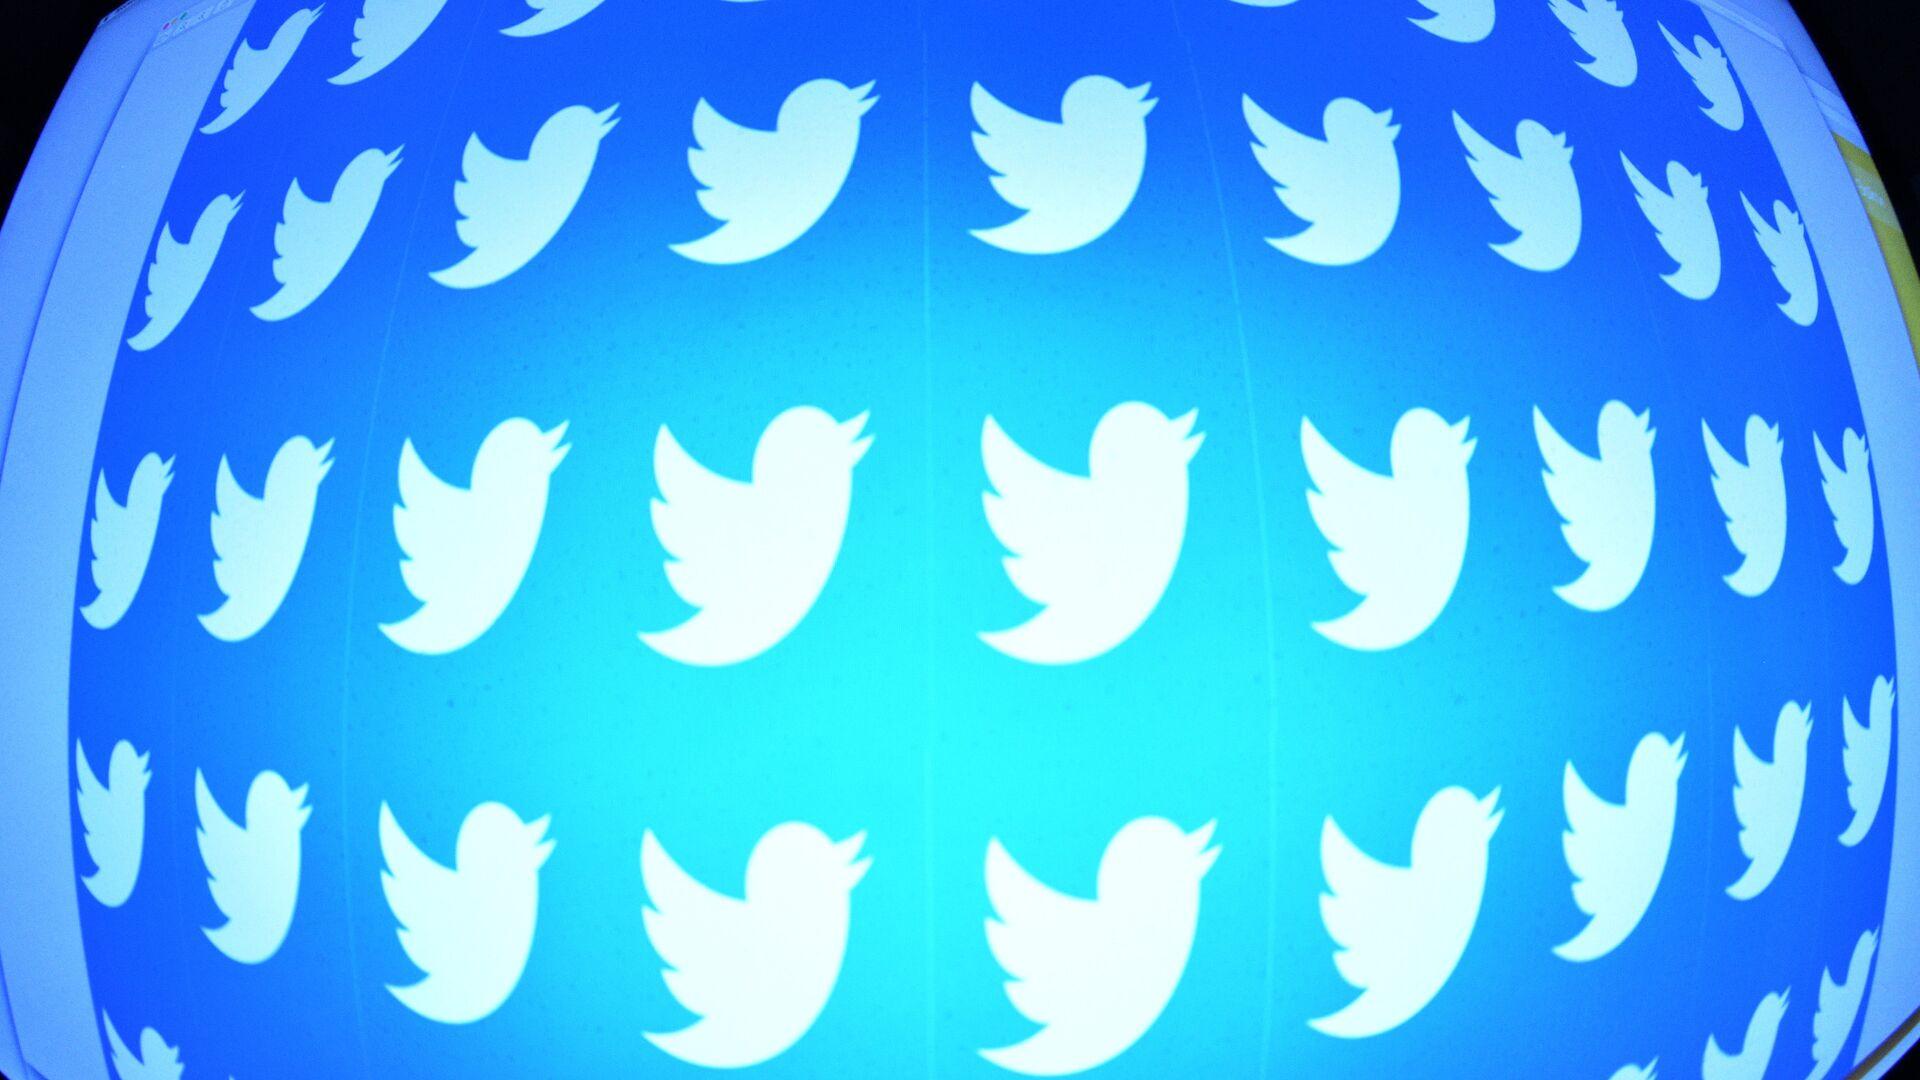 Логотип социальной сети Twitter - РИА Новости, 1920, 02.03.2021